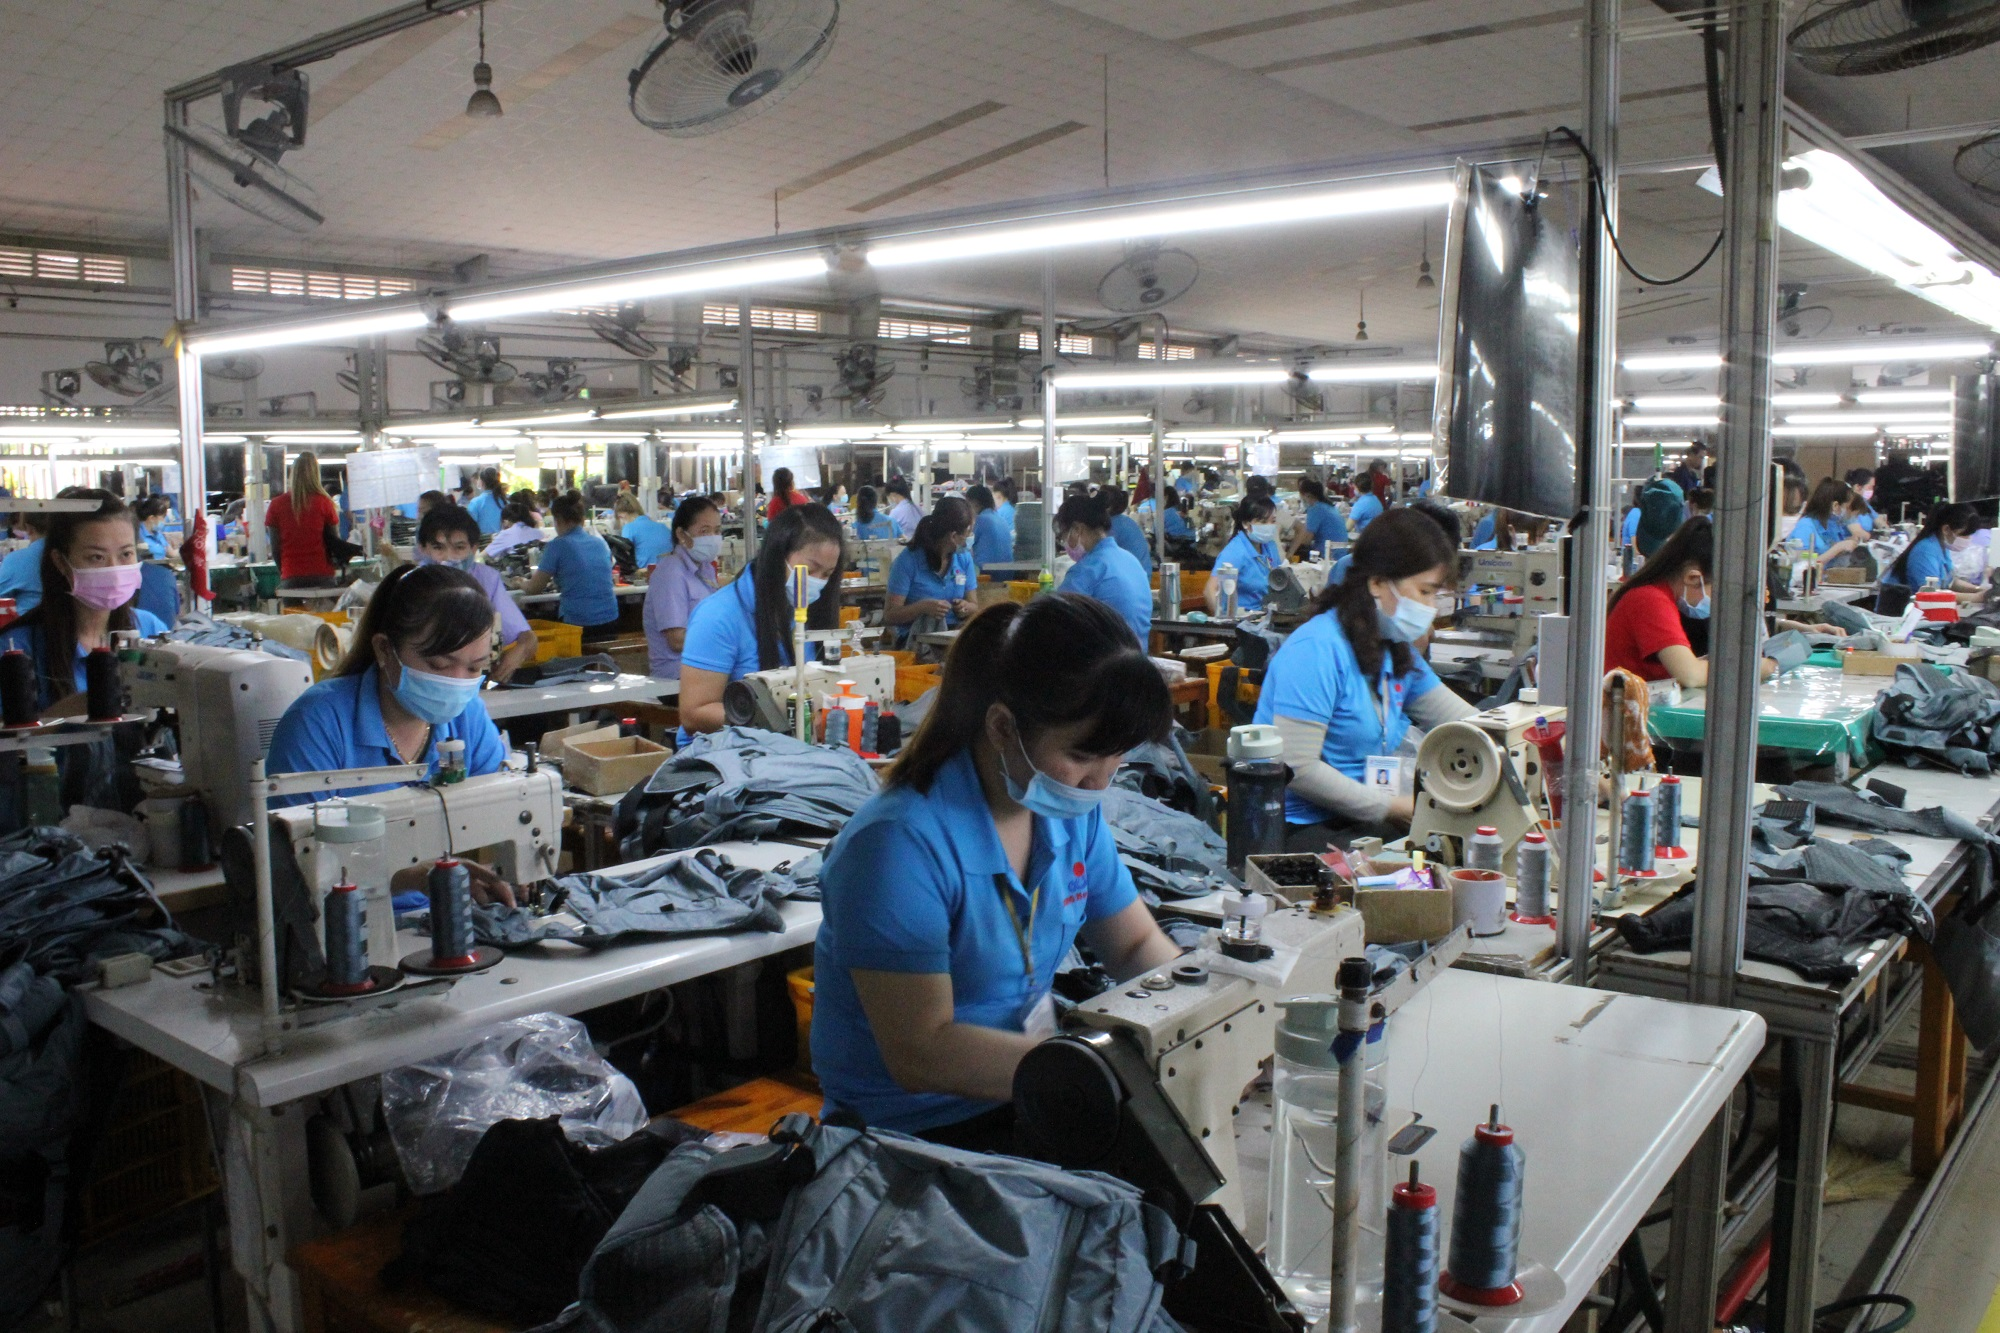 Hiện nay tại Công ty Dong In Entech VN đang có 46 lao động là người DTTS đang làm việc ổn định tại các bộ phận